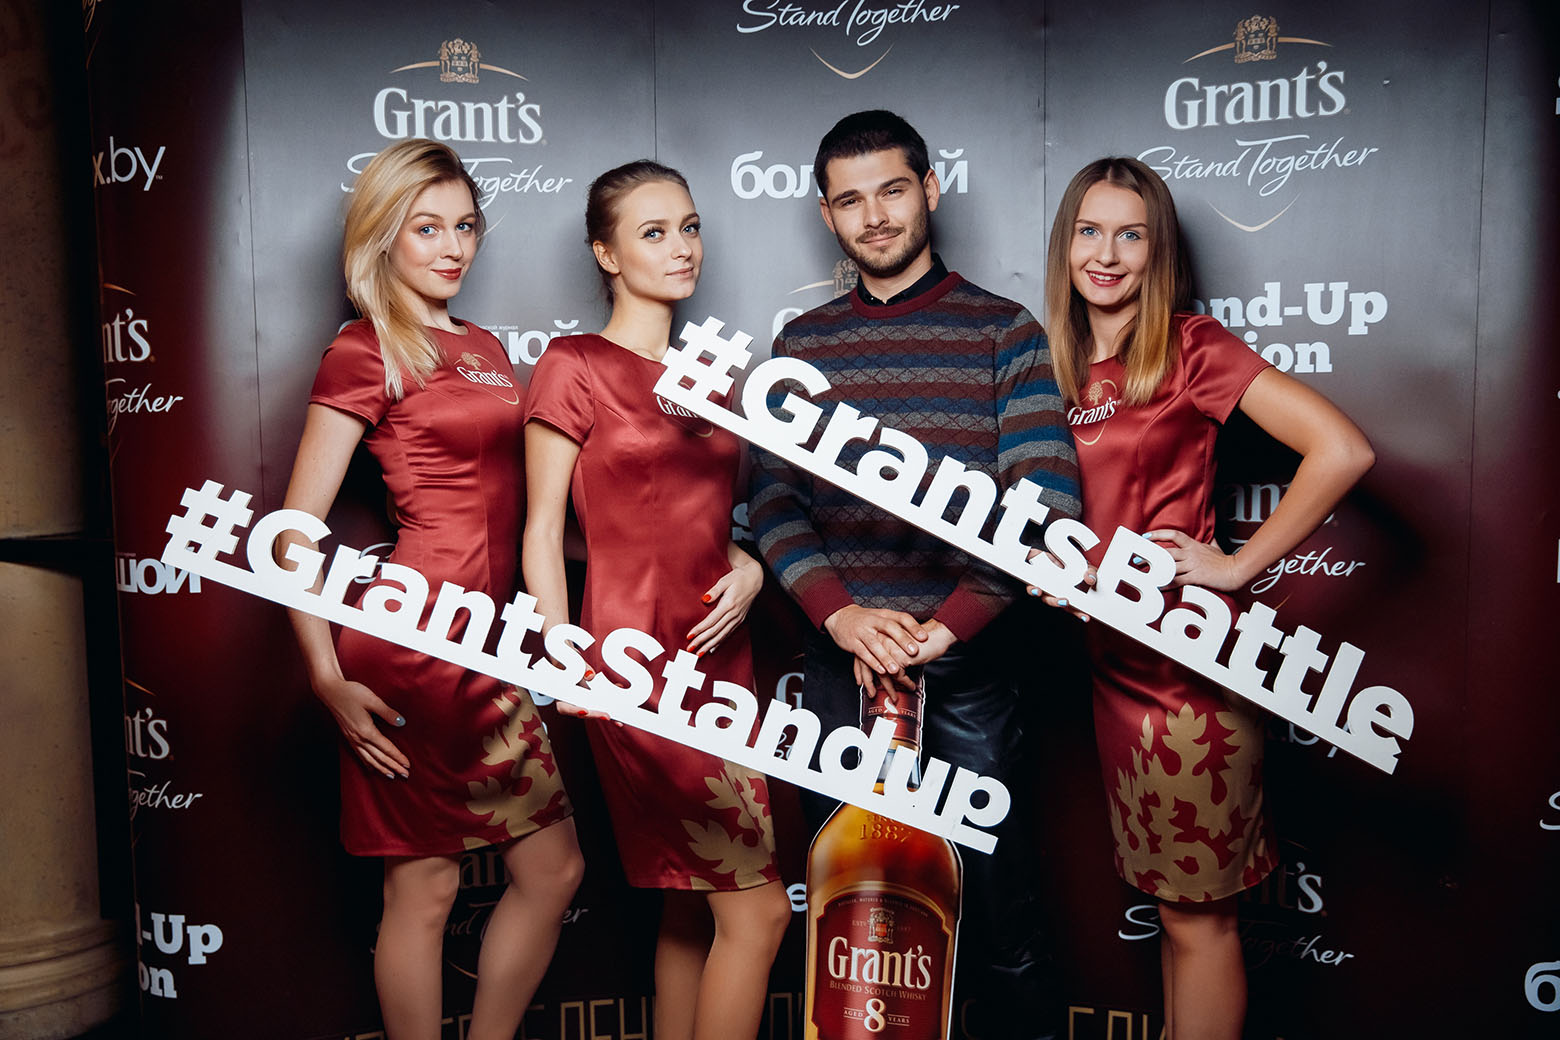 grants-battle-final-nowatermark-3